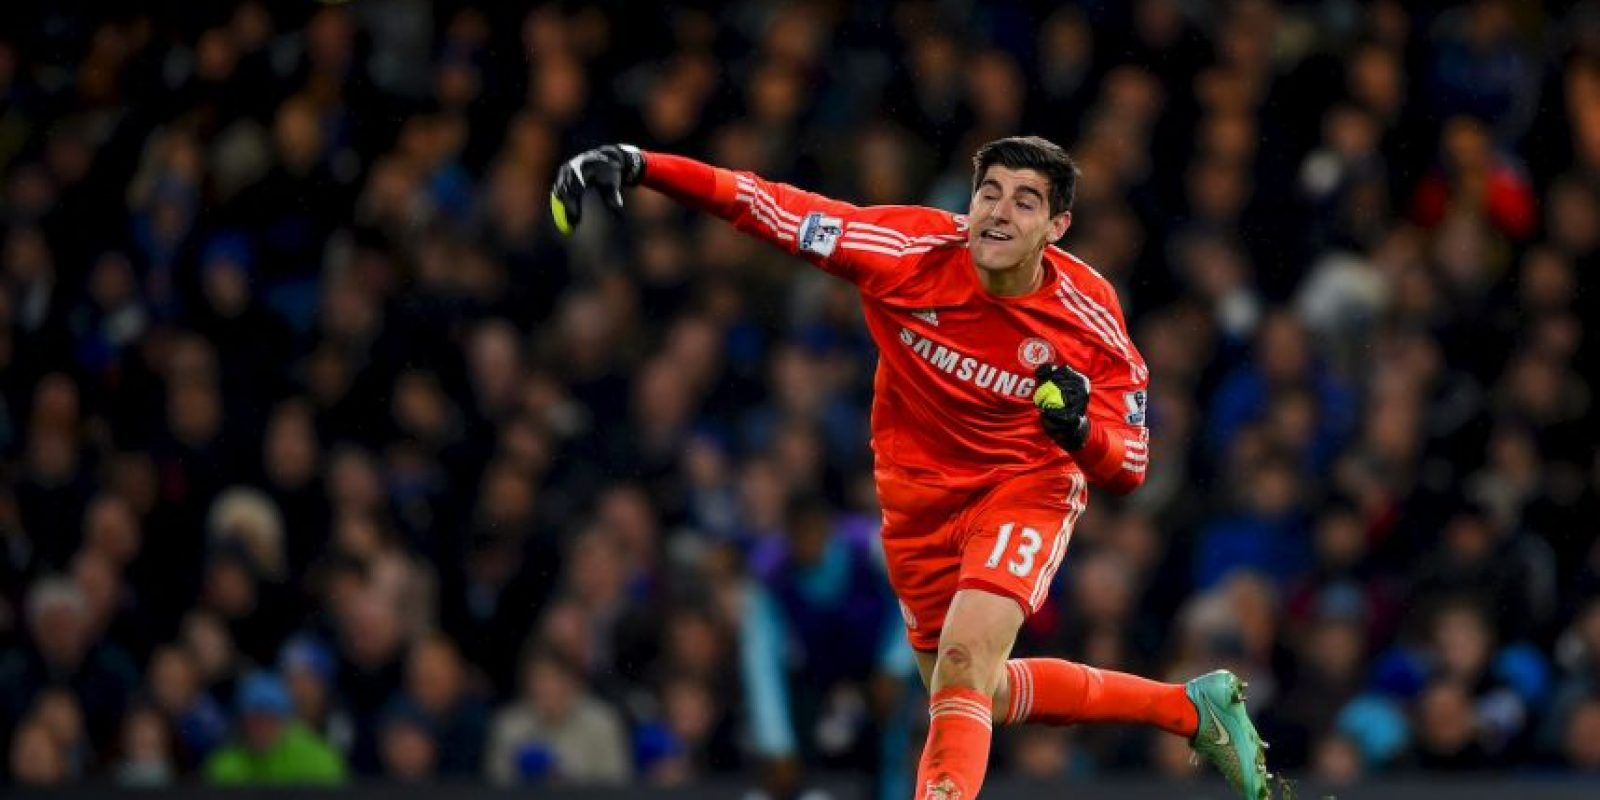 El belga Thibaut Courtois (Atlético de Madrid, 2011-2014) ocupa el segundo puesto Foto:Getty